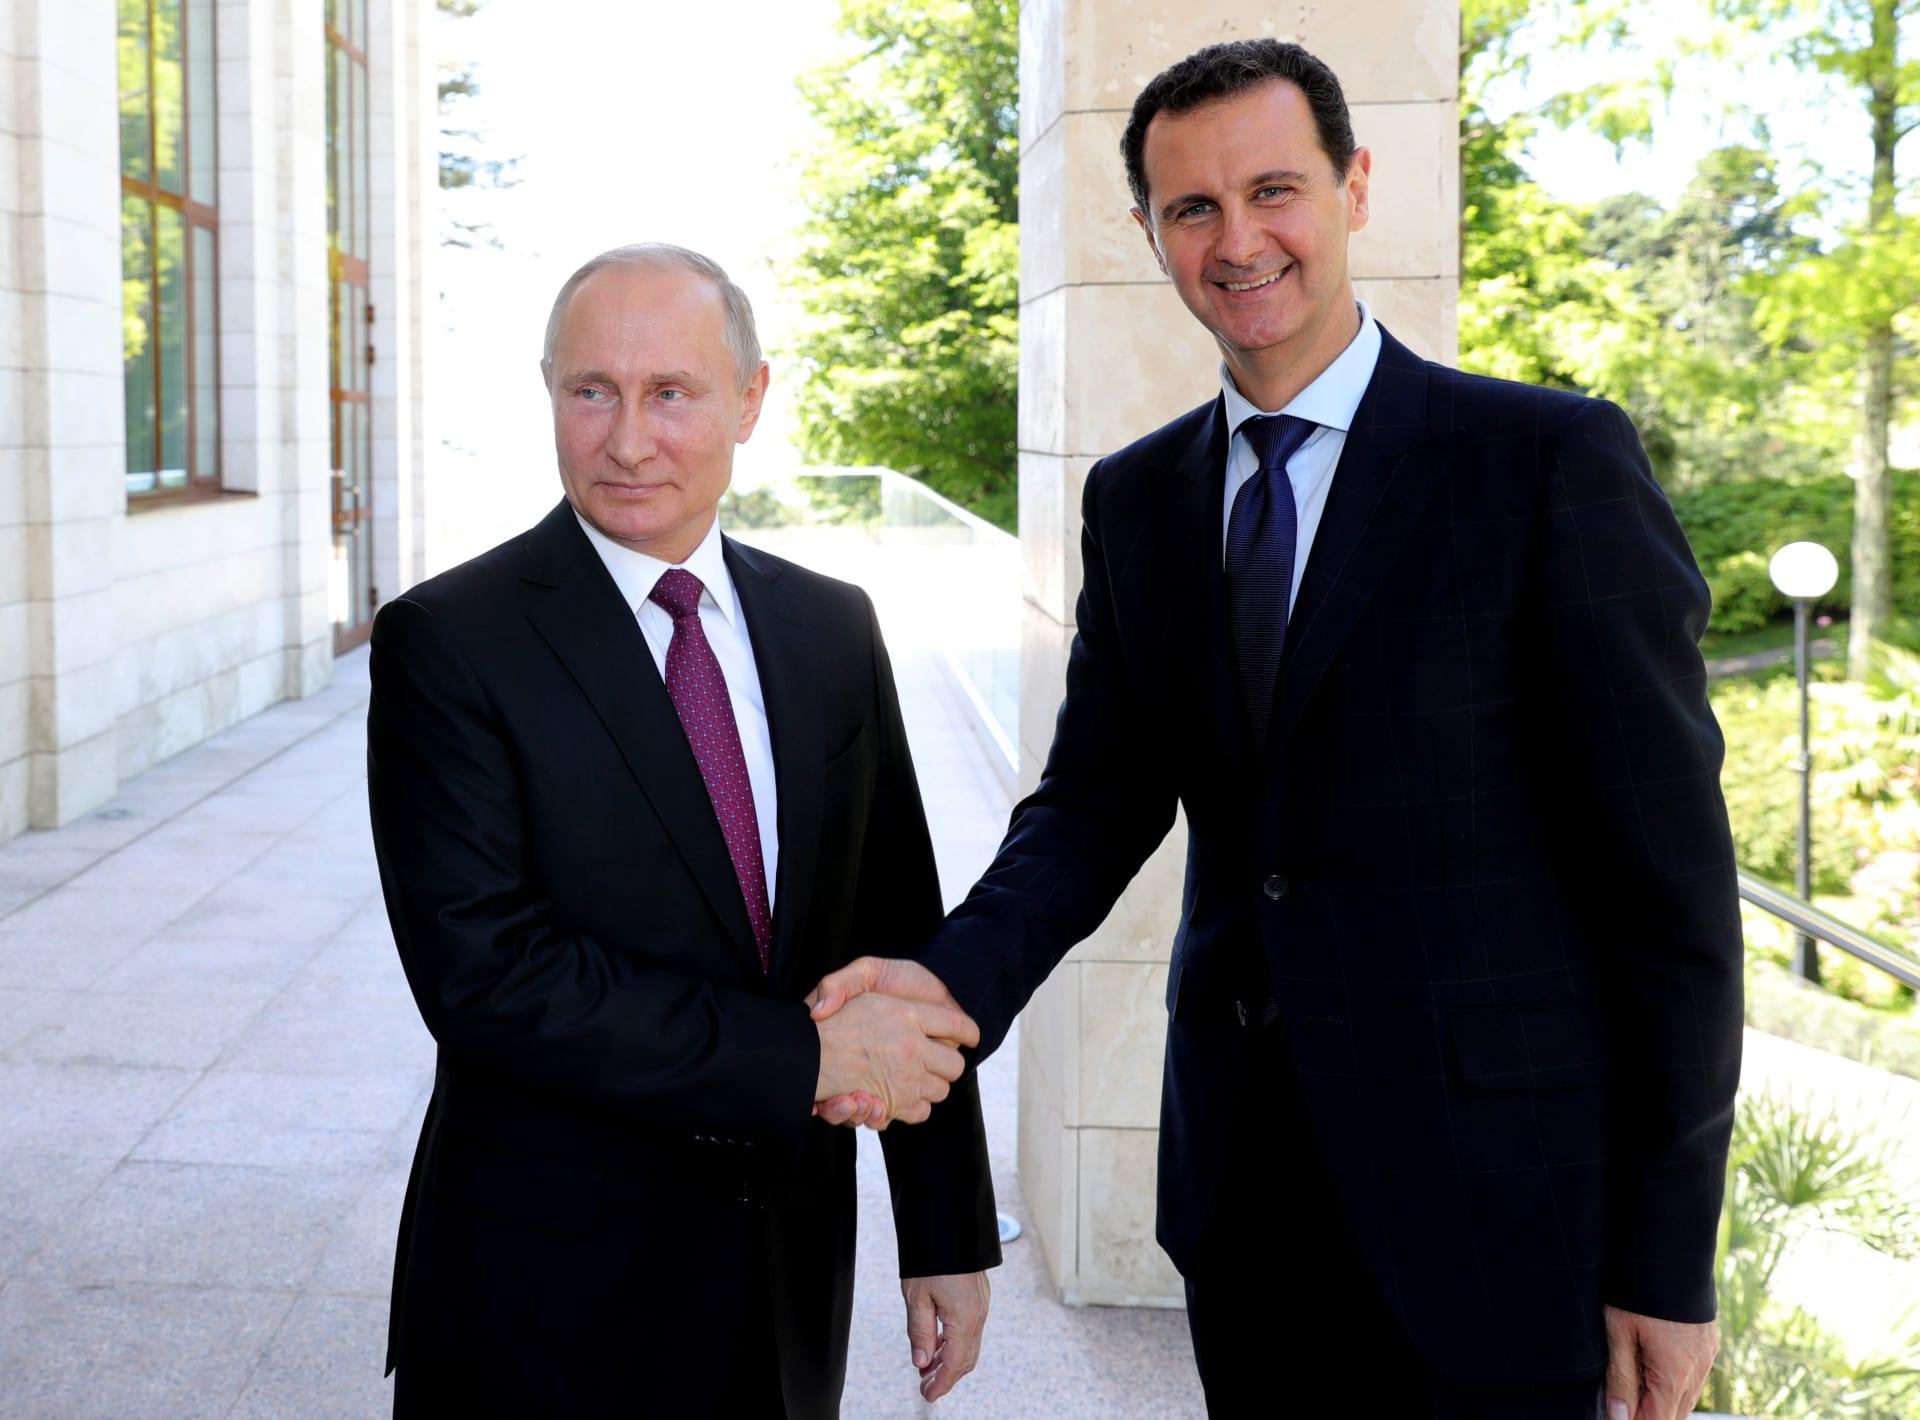 """الأسد يزور موسكو دون إعلان مسبق.. وبوتين يمتدح إجراءه حوارا مع """"خصومه"""""""